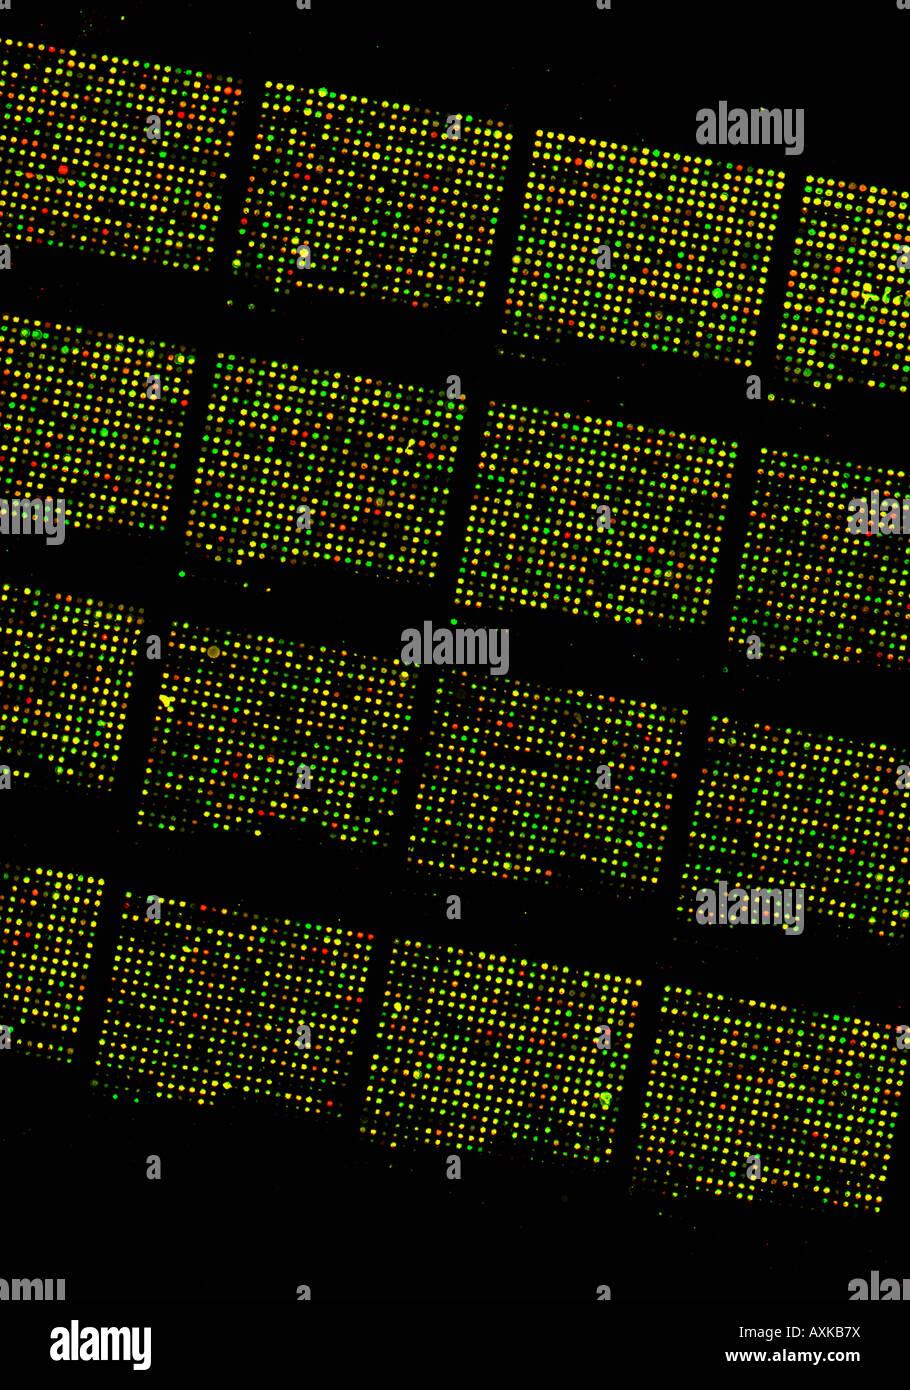 Matriz Micro Chip De Adn Estructura Del Genoma Humano Foto